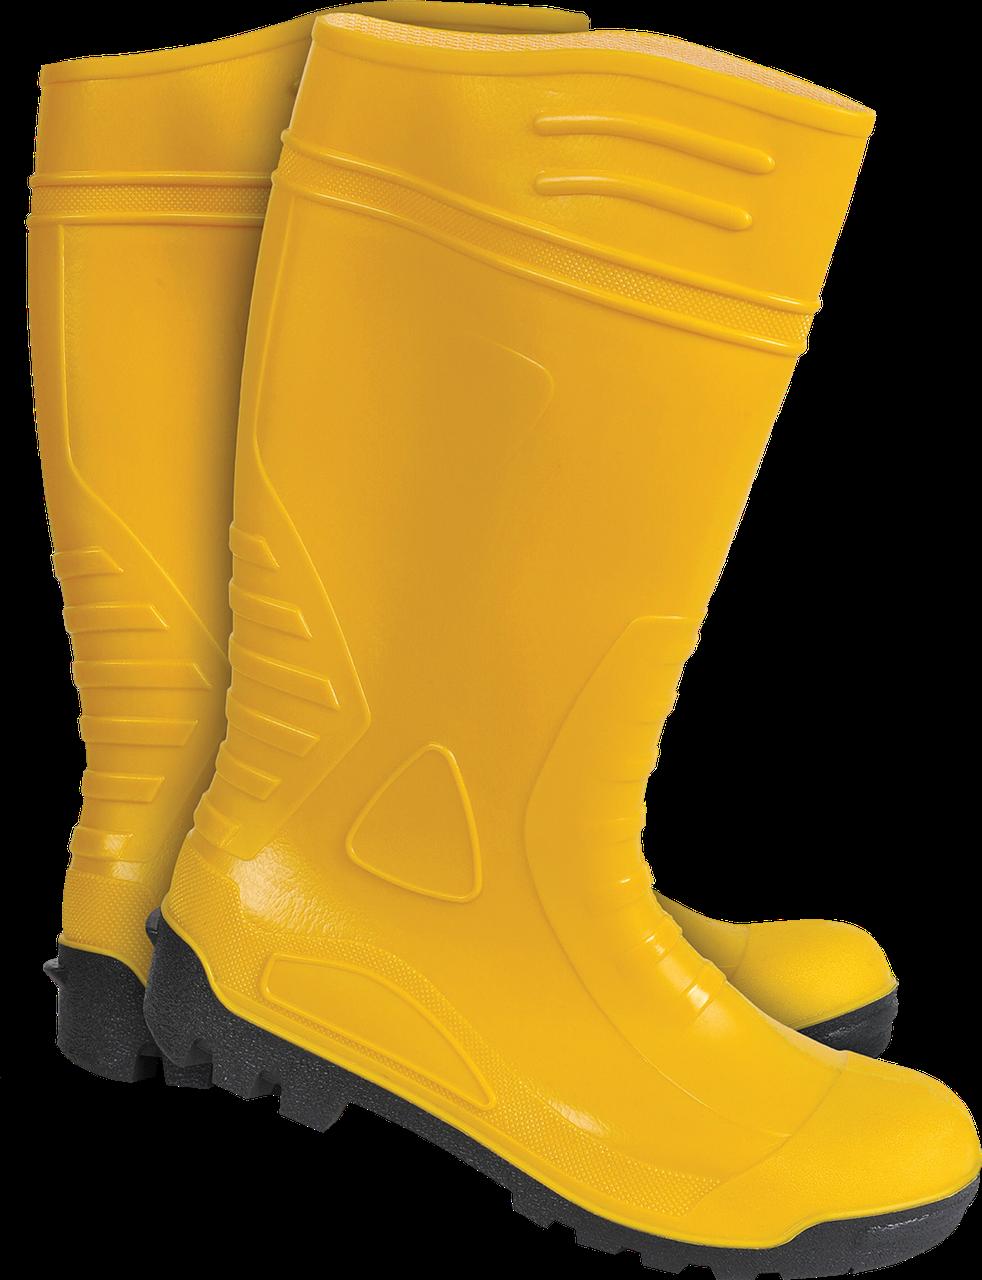 Сапоги BGNITS5 Y со стальным носком